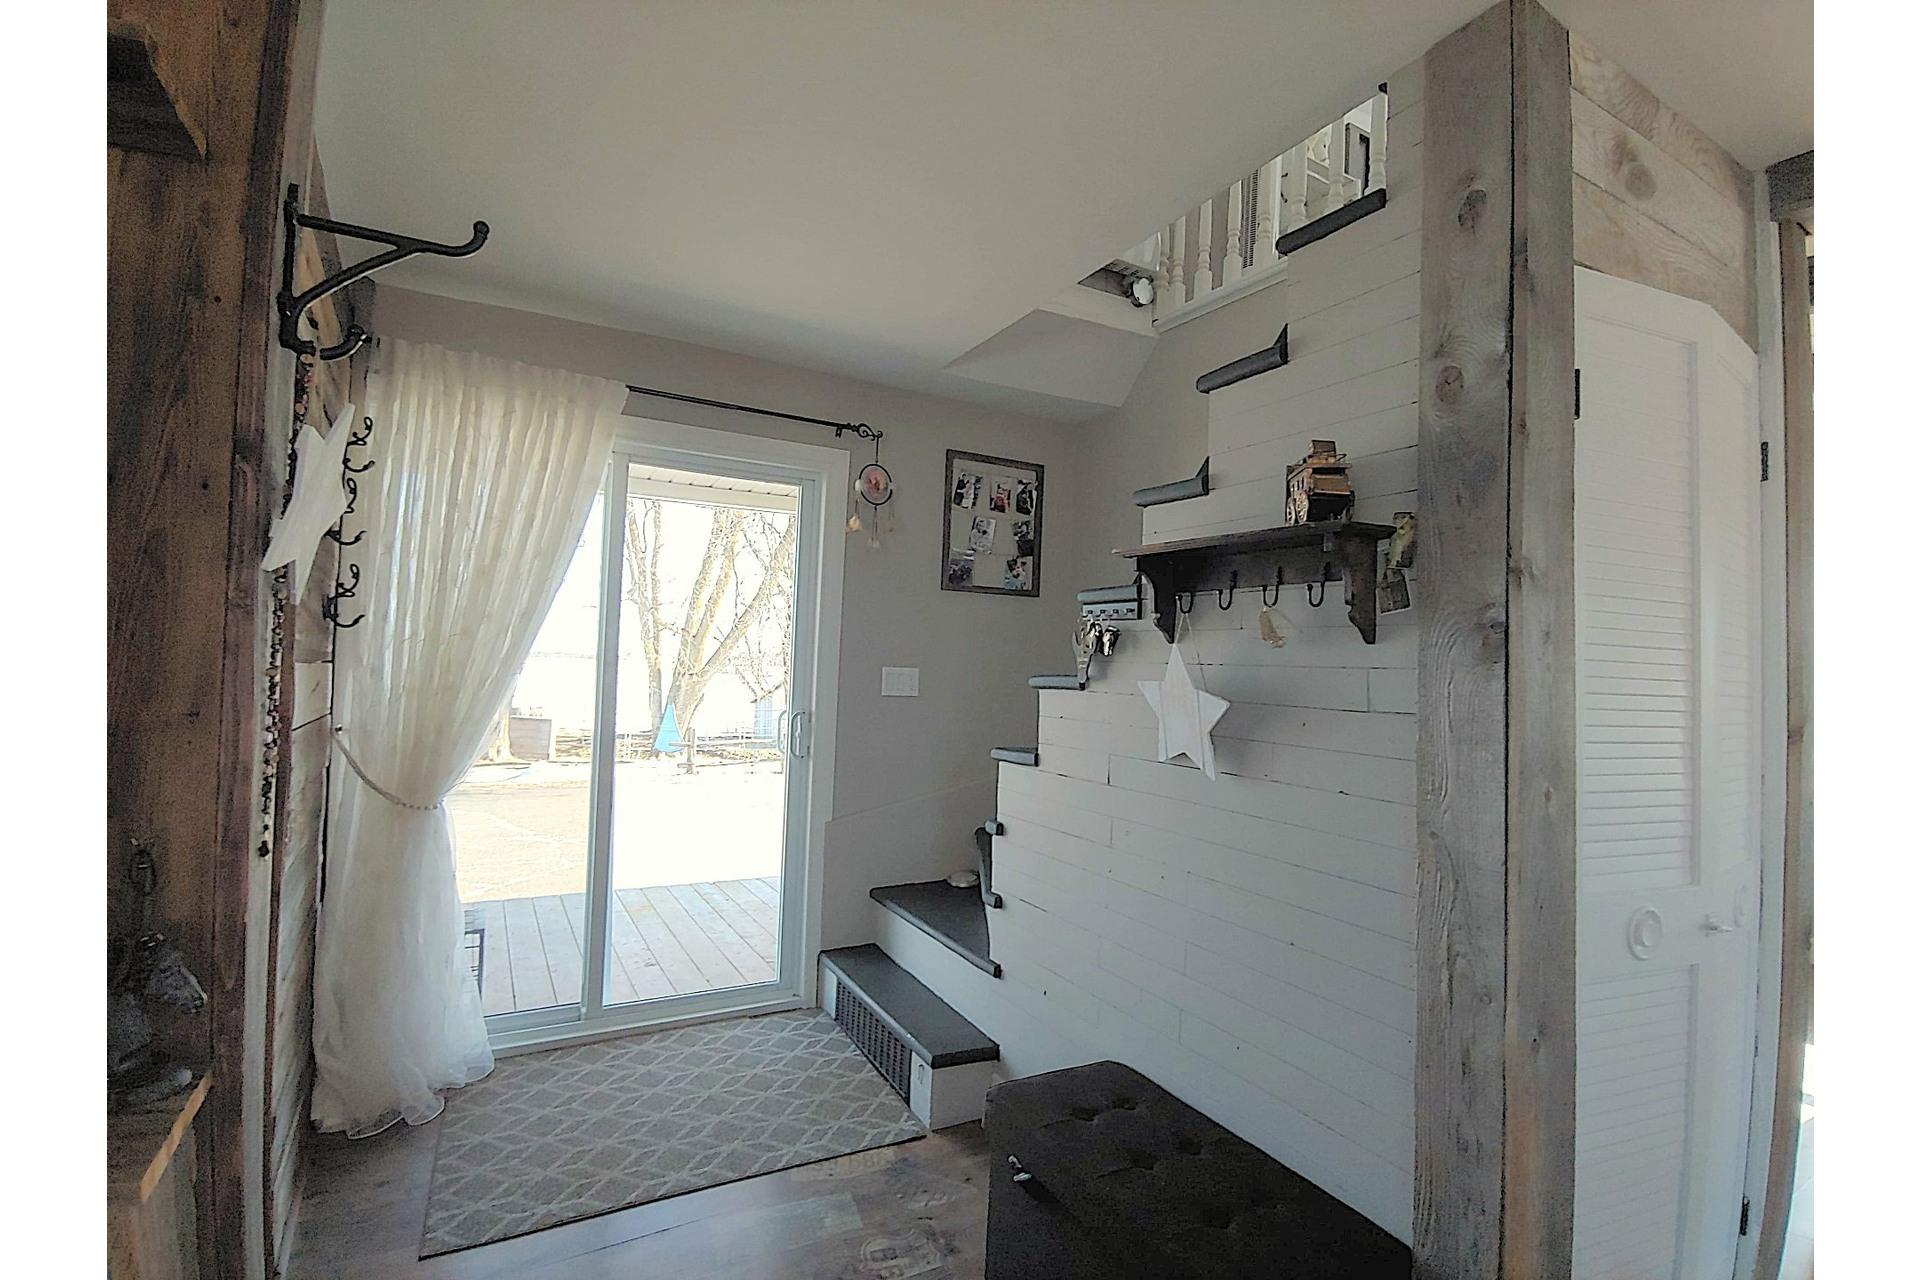 image 2 - Farmhouse For sale Notre-Dame-du-Bon-Conseil - Paroisse - 5 rooms